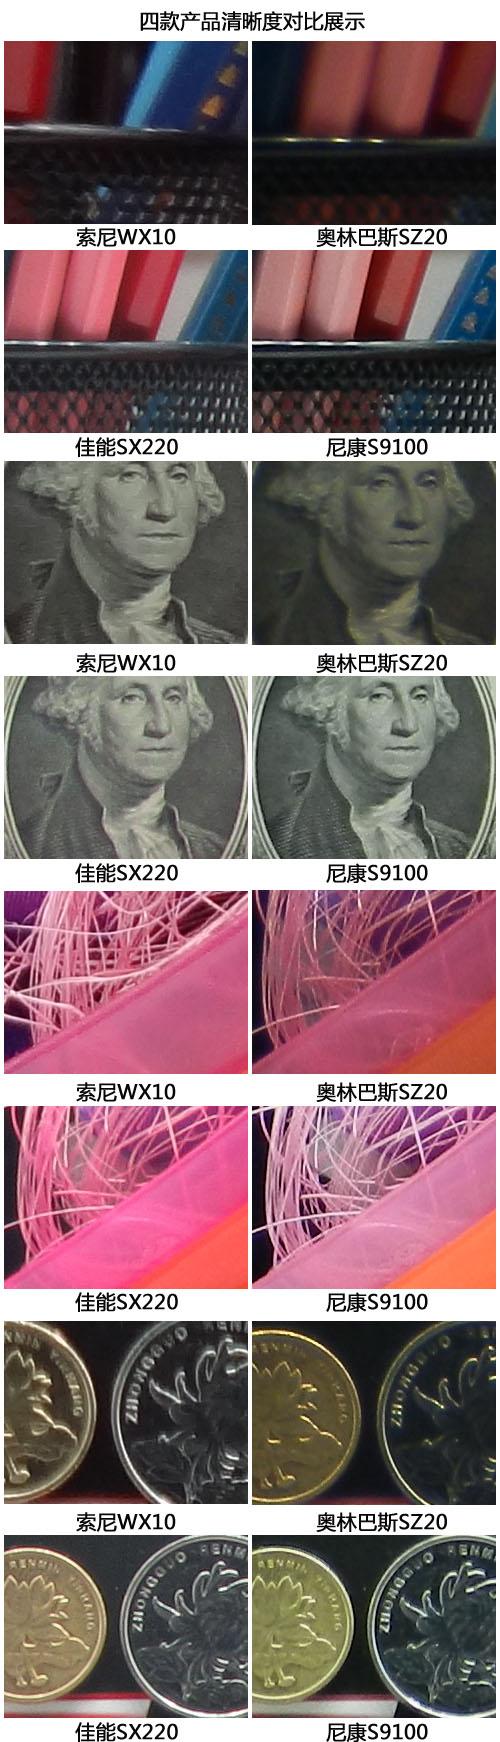 四款产品清晰度截图对比展示